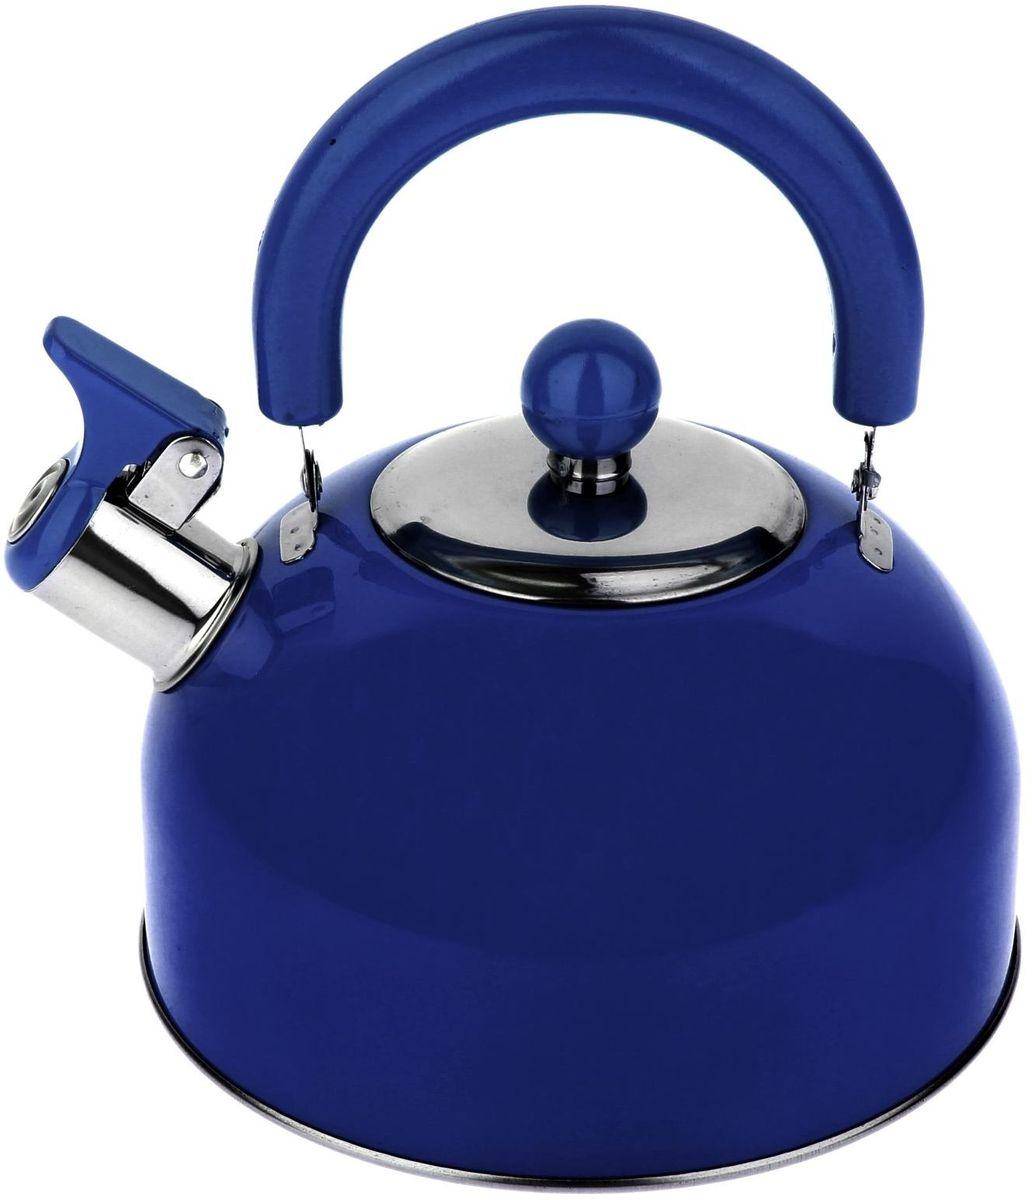 Чайник Доляна Радуга, со свистком, цвет: голубой, 2,1 л54200Чайник Доляна Радуга выполнен из высококачественной нержавеющей стали. Материал изделия отличается неприхотливостью в уходе, безукоризненной функциональностью, гигиеничностью и стойкостью к коррозии. Чайники из нержавеющей стали абсолютно безопасны для здоровья человека.Благодаря низкой теплопроводности и оптимальному соотношению дна и стенок вода дольше остается горячей, а качественное дно гарантирует быстрый нагрев. Чайник при кипячении сохраняет все полезные свойства воды.Чайник снабжен подвижной пластиковой ручкой. Удобная ручка не нагревается, и поэтому вероятность ожогов сводится к минимуму. Откидной свисток на носике чайника громко оповестит, когда закипела вода.Подходит для газовых, электрических, стеклокерамических, галогеновых, индукционных плит. Рекомендуется ручная мойка.